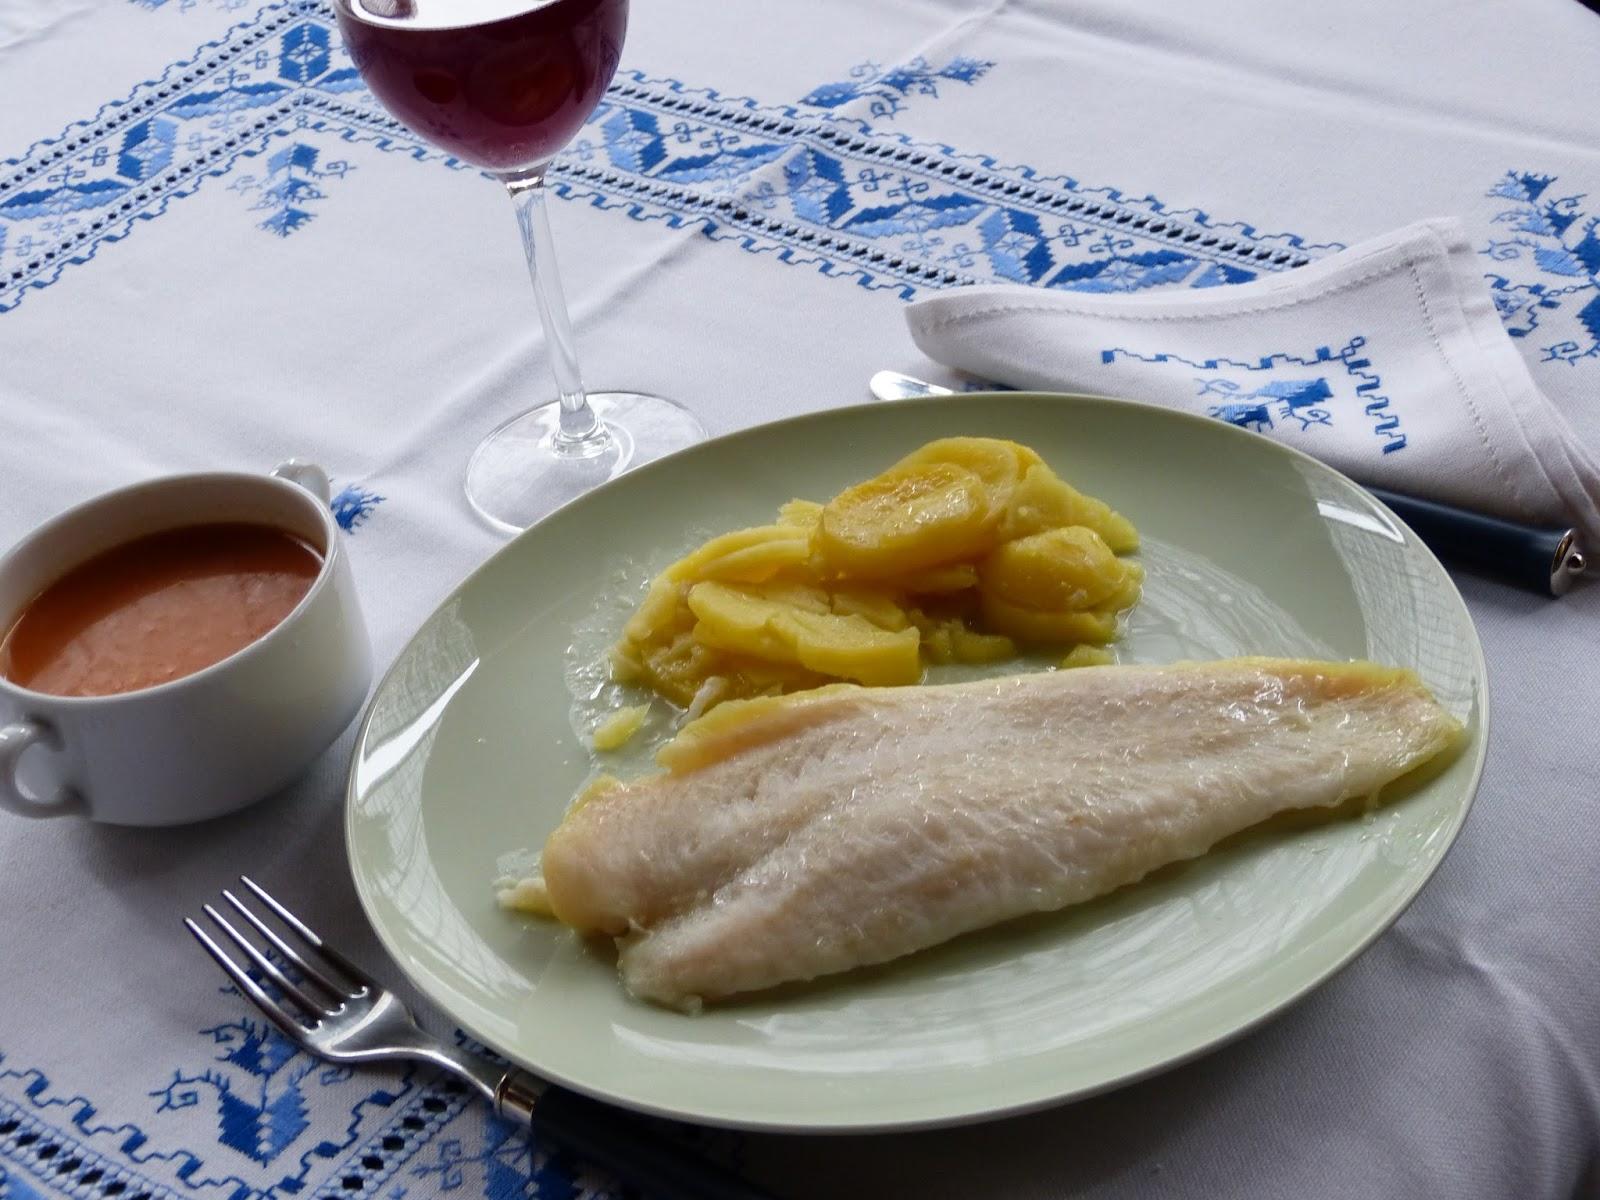 Pescado con patatas en microondas entre fogones y artilugios varios - Cocinar pescado en microondas ...